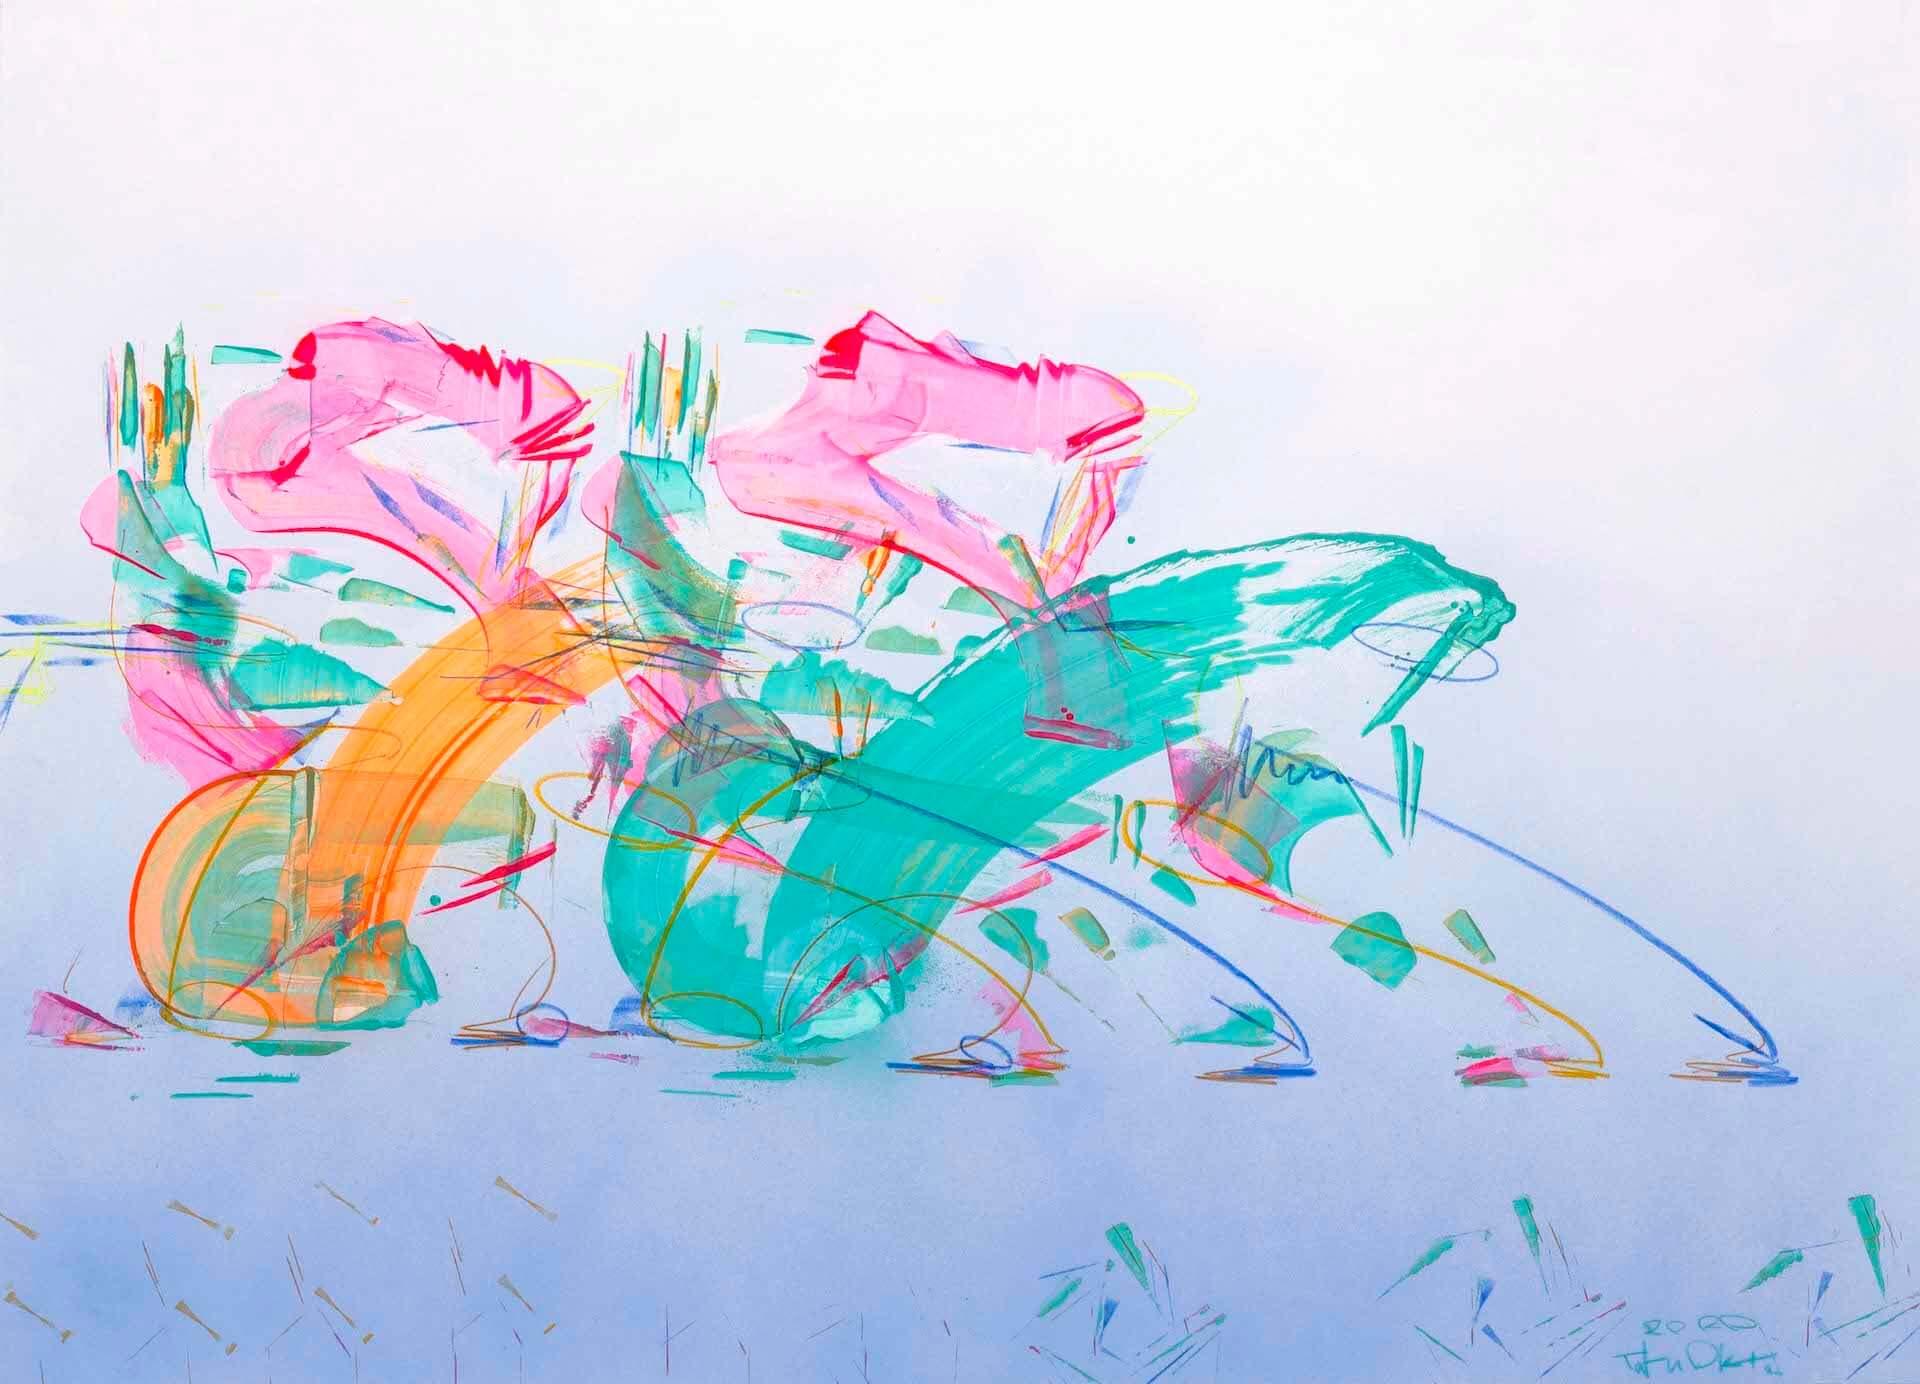 彫刻家・小畑多丘による初の作品集『Spectrum of the Move』が刊行決定!京都「haku kyoto」では記念の個展も開催 art201118_taku-obata_13-1920x1384